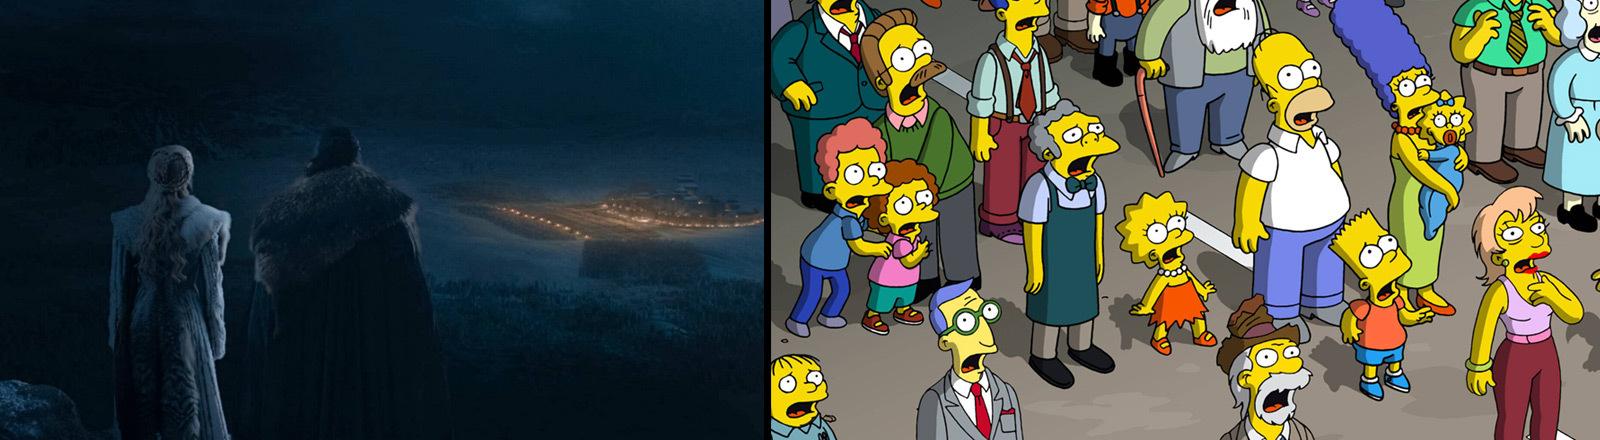 """Szene aus den Serien """"Game of Thrones"""" und """"Die Simpsons"""""""